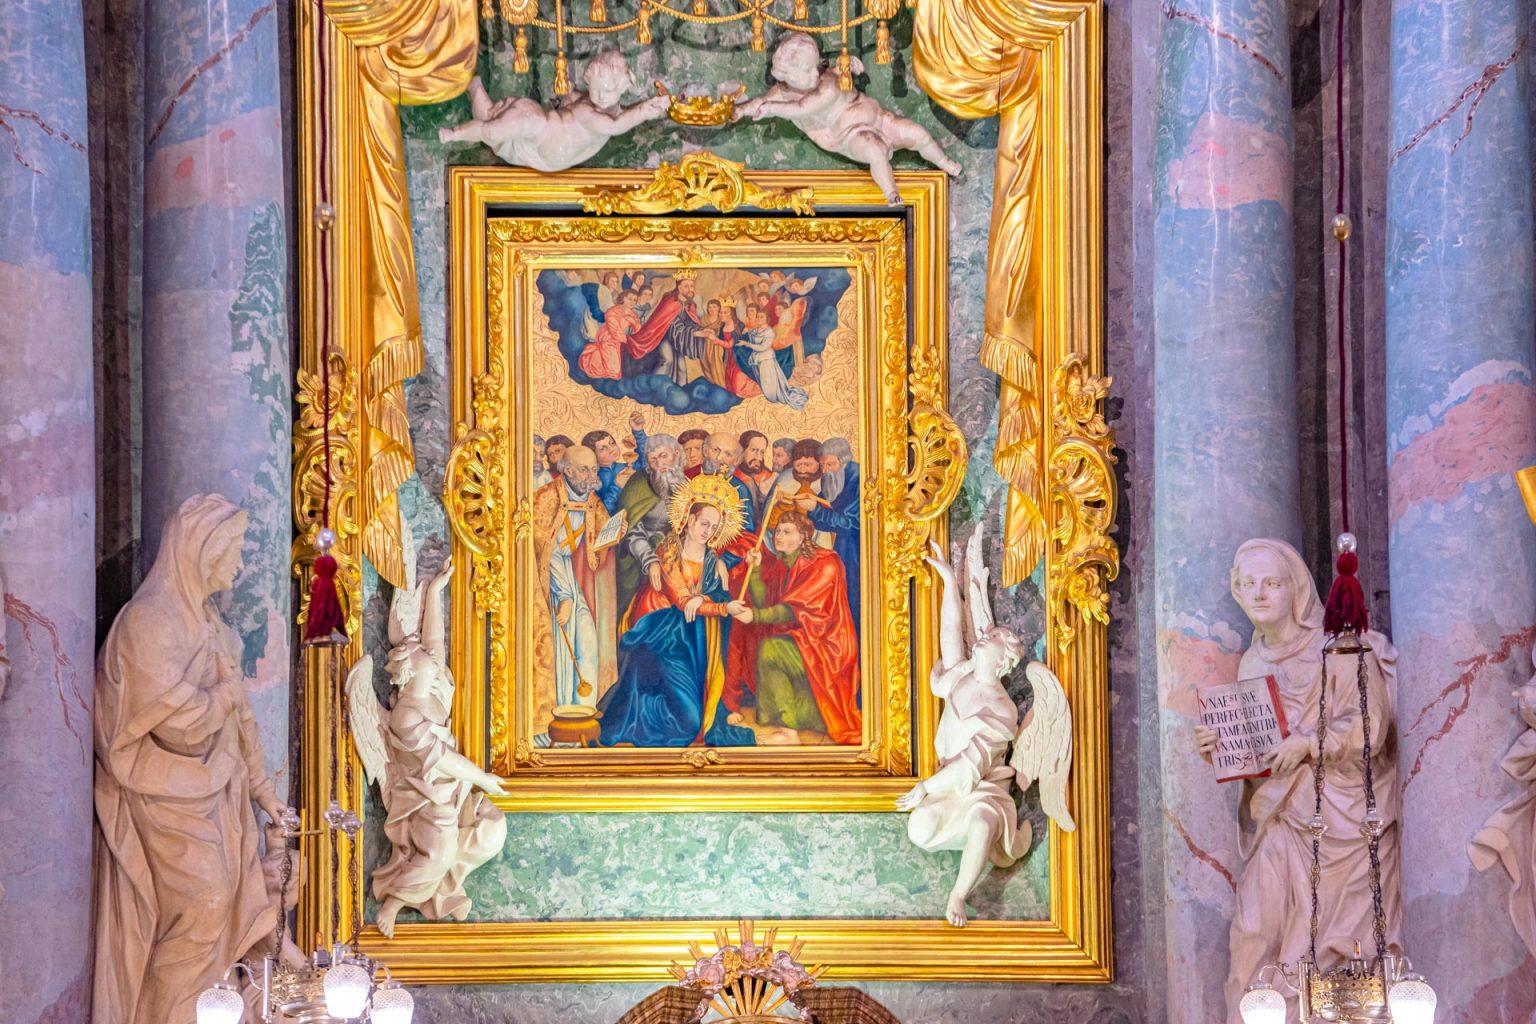 Kolorowy obraz podwójnej złotej ramie. Po obu bokach obrazu kamienne rzeźby